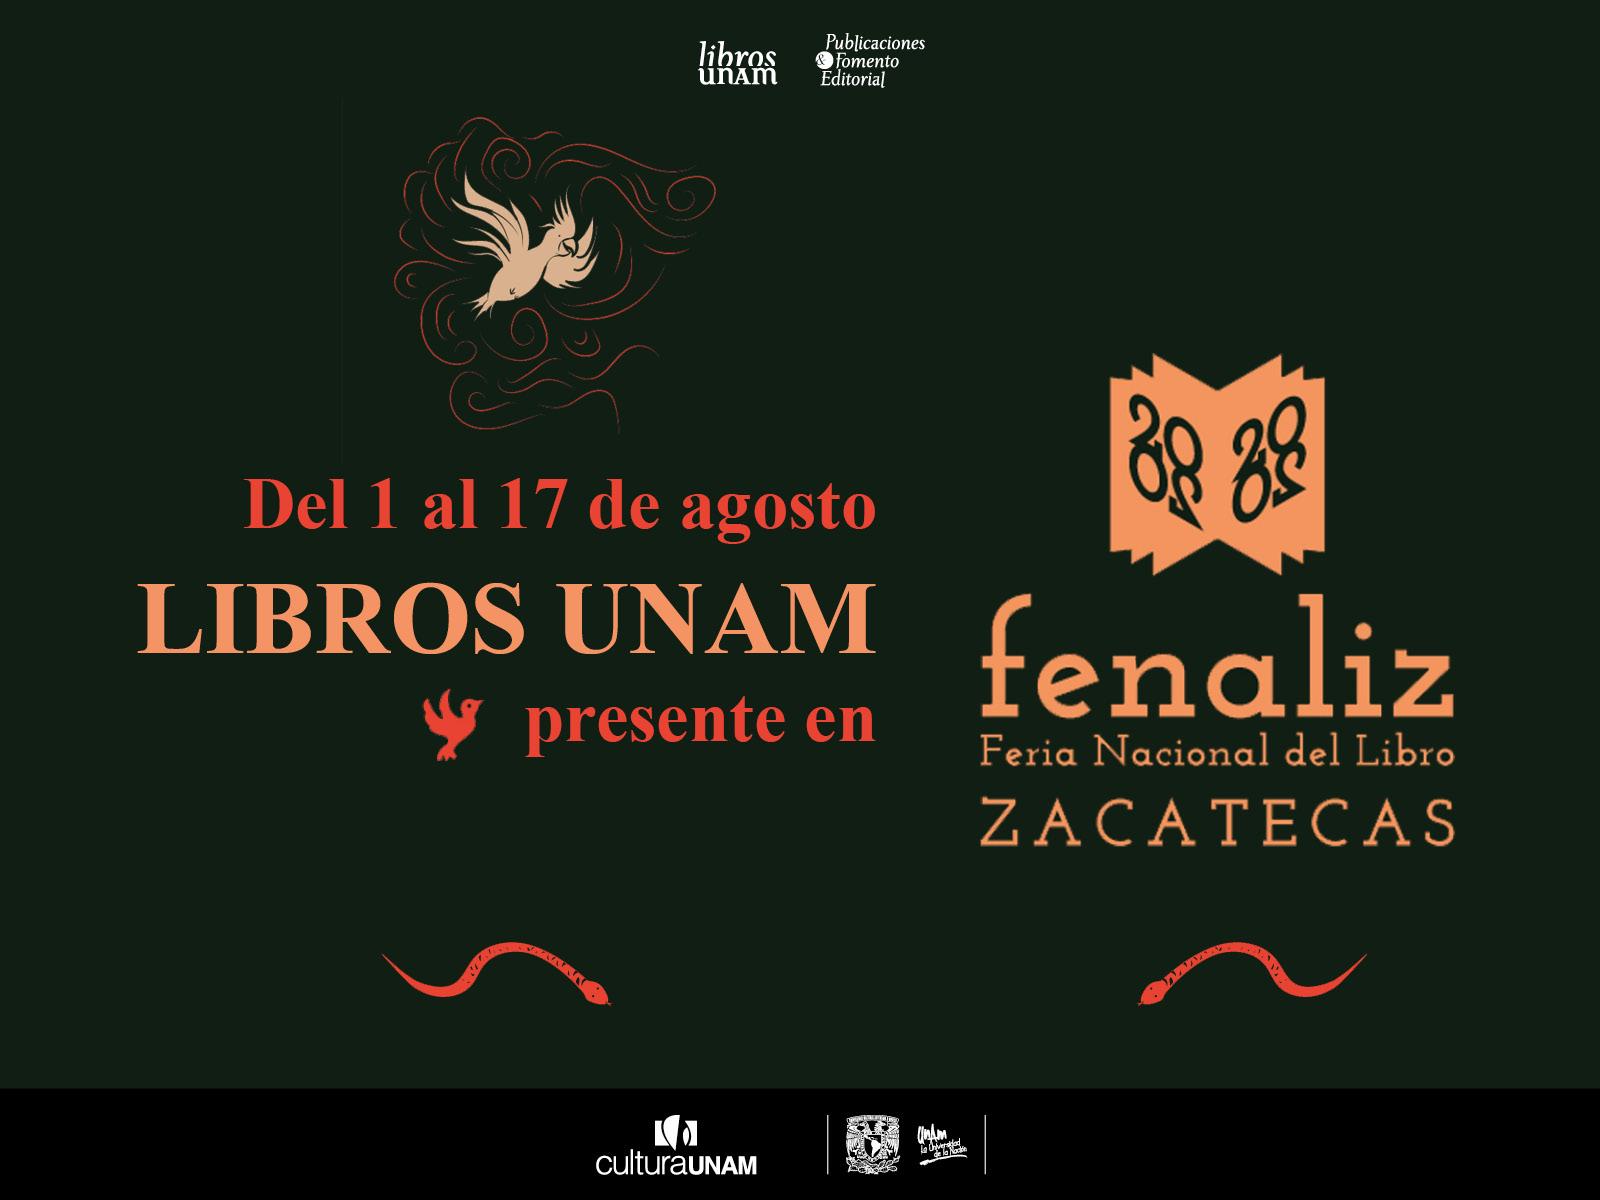 Libros UNAM en Feria Nacional del Libro Zacatecas